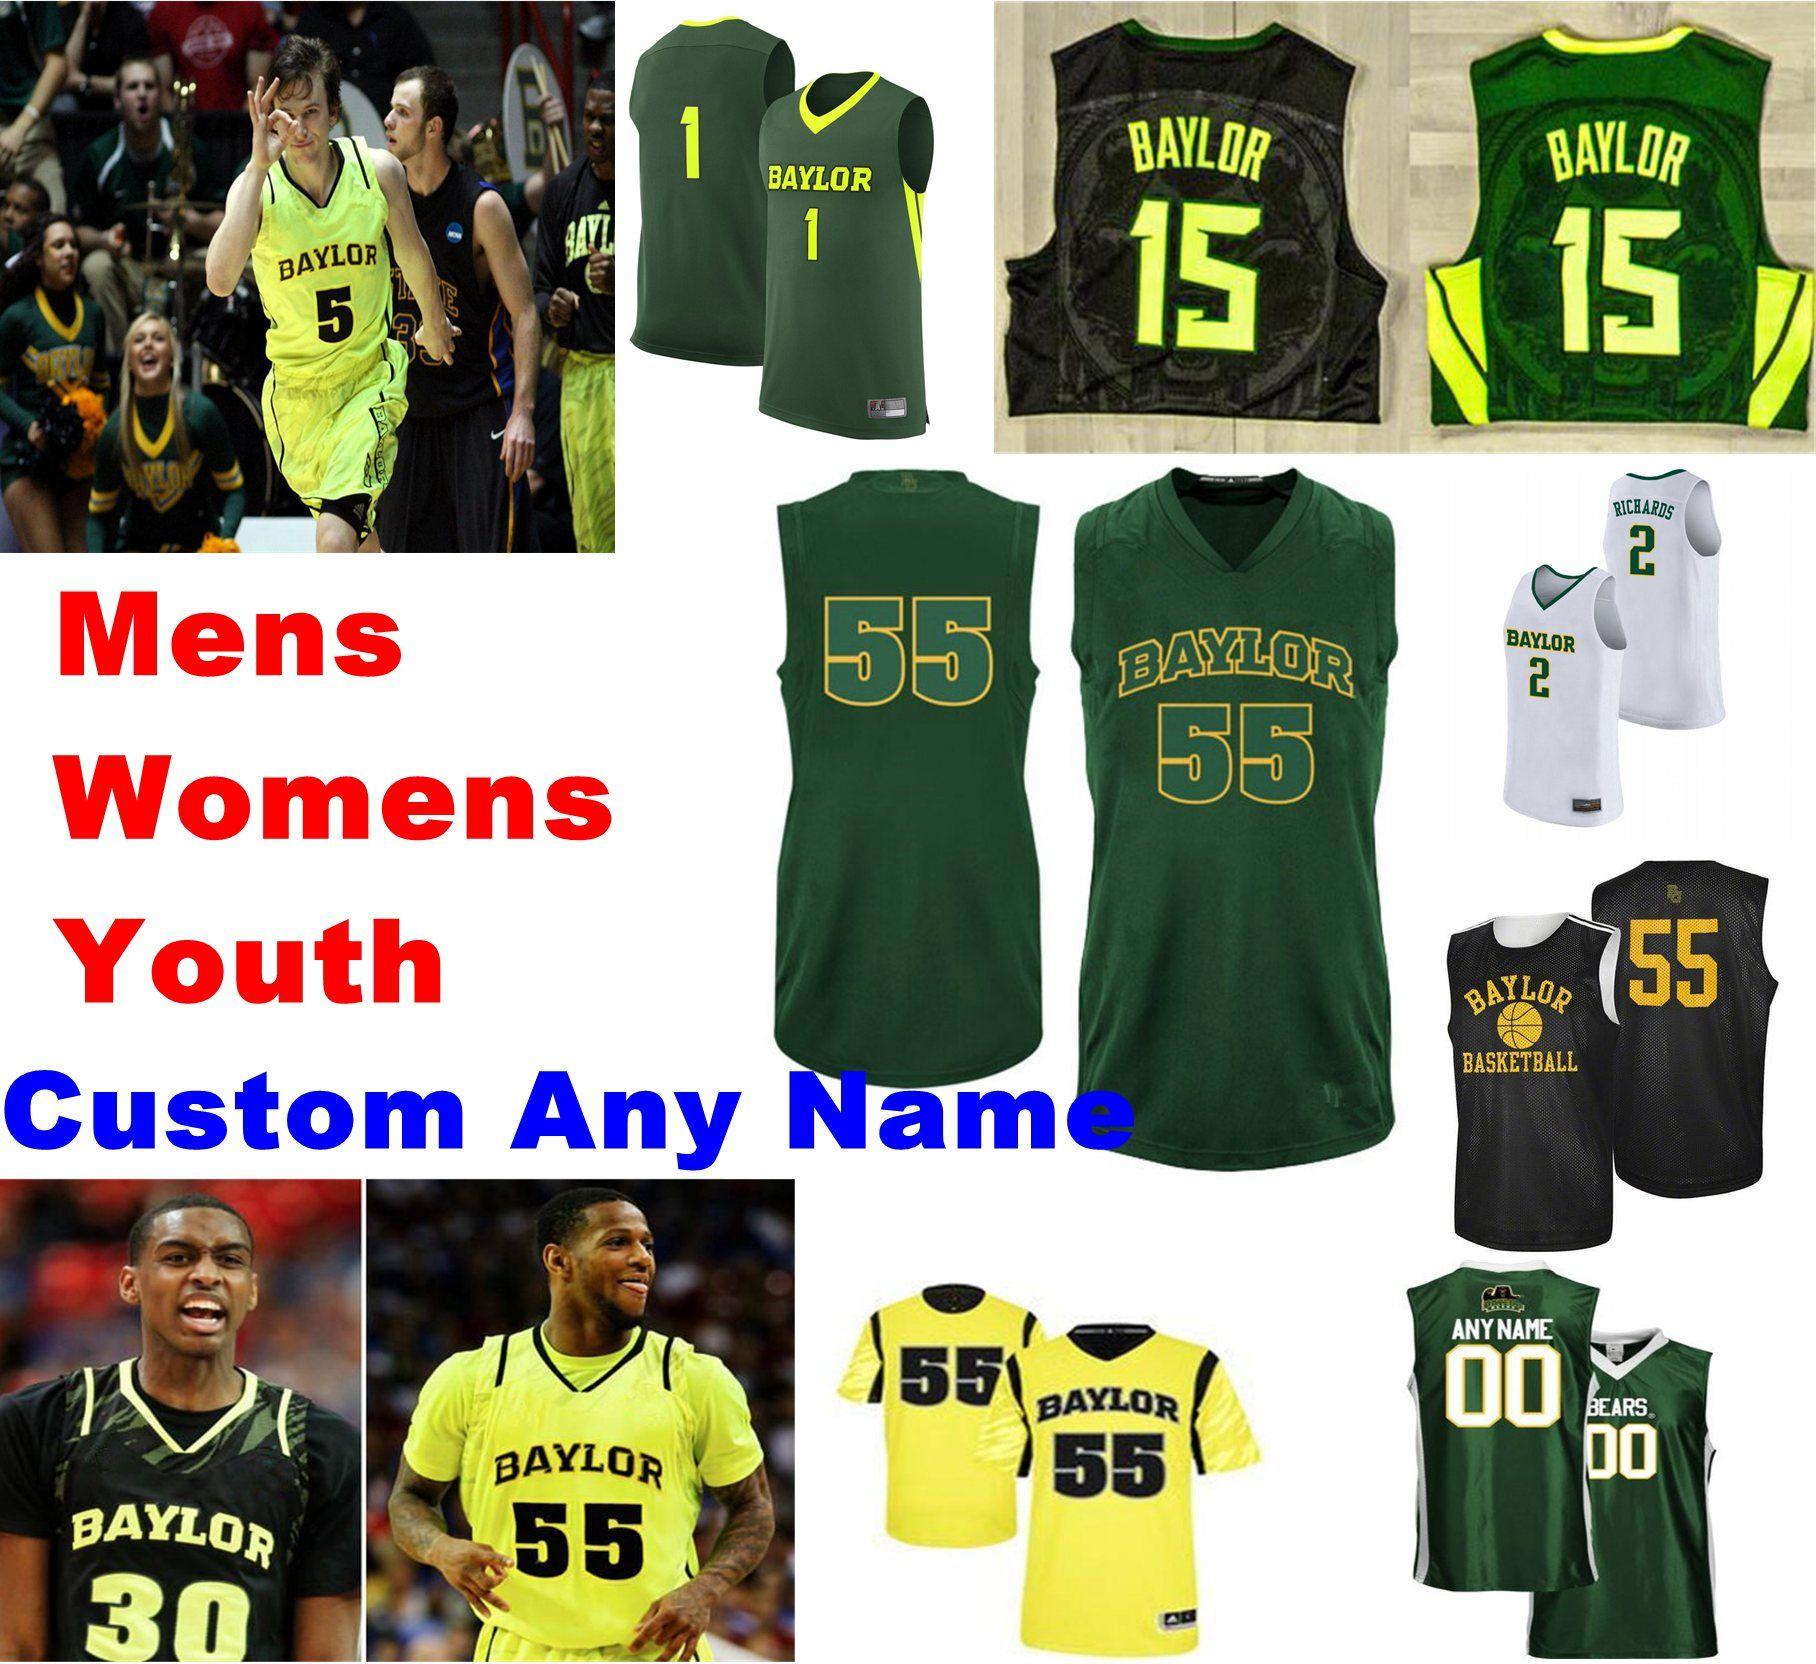 Baylor Bears jerseys Jared Mayordomo Jersey Jackson Moffatt Obim Okeke Jonathan Tchatchoua Mateo Mayer jerseys del baloncesto cosido personalizada